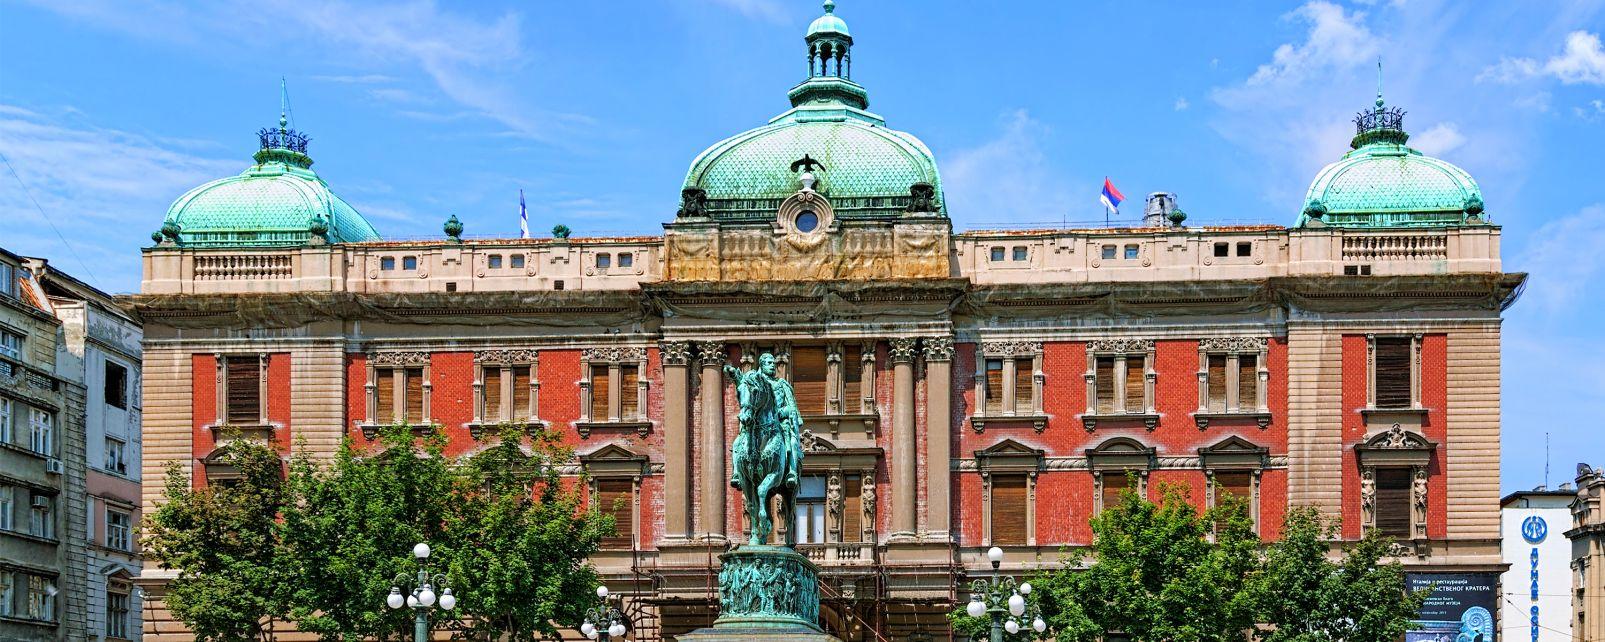 Le musée national, Les musées, Serbie